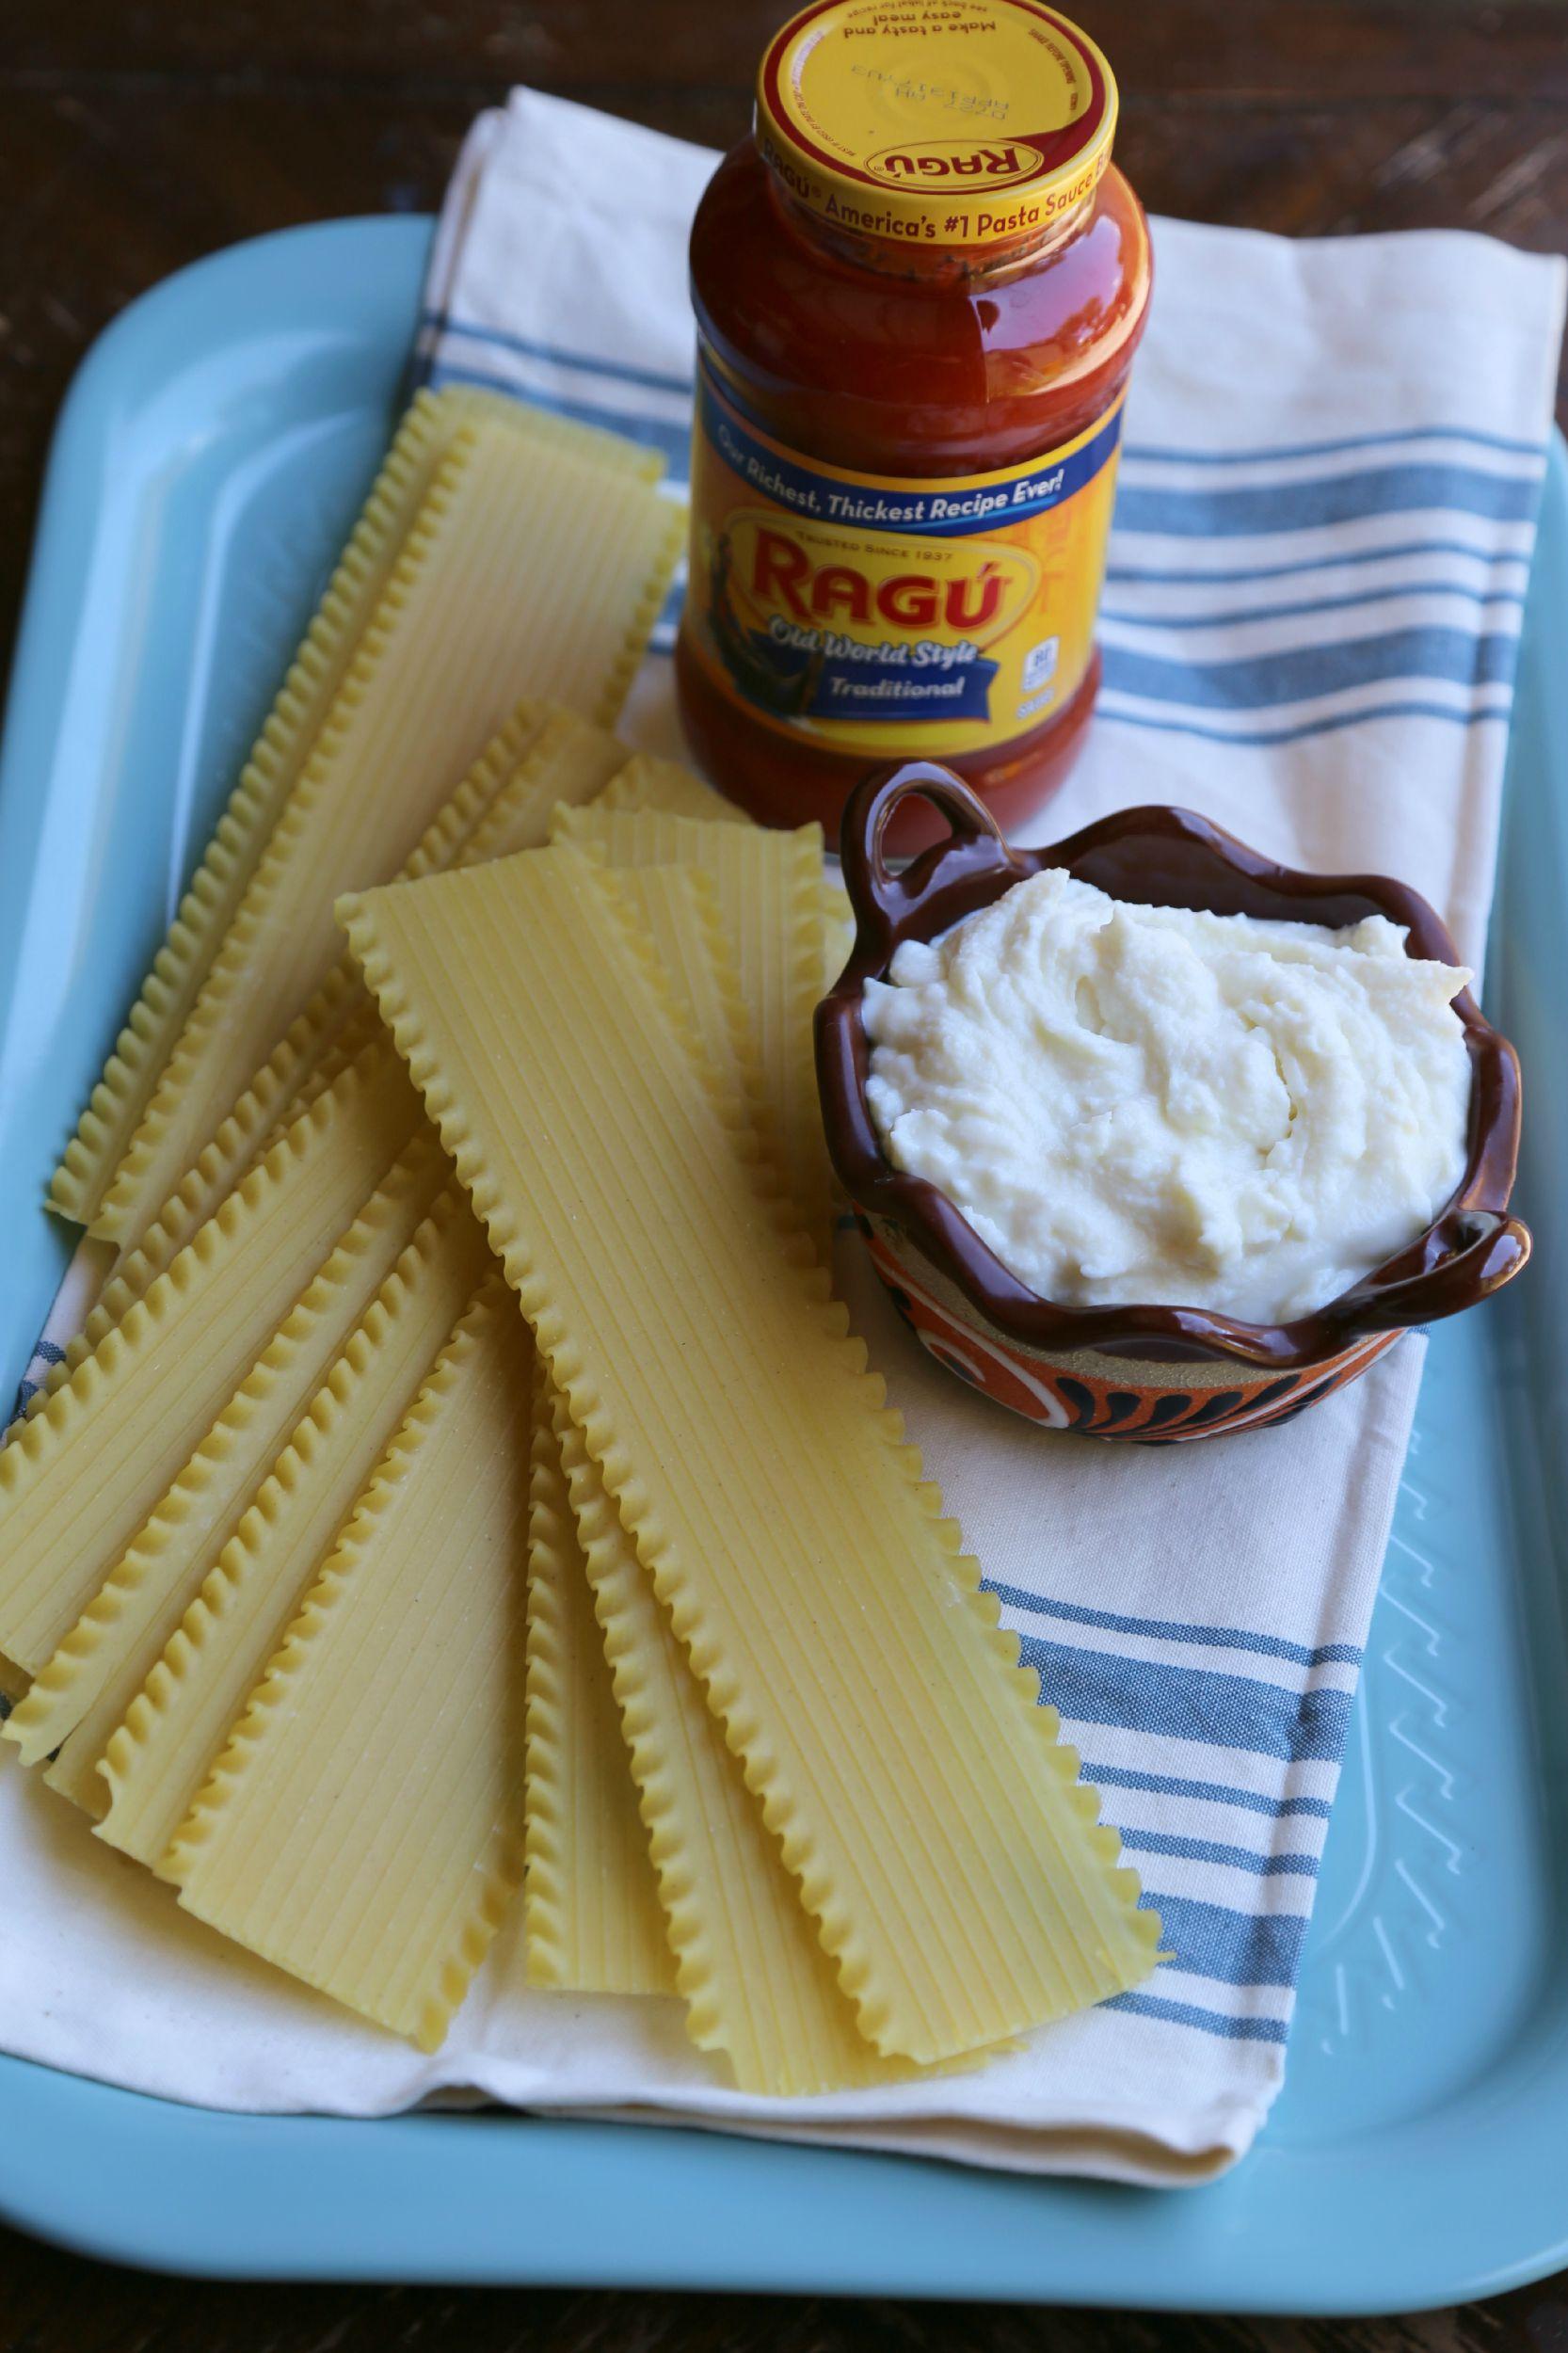 ragu-skillet-lasagna-VianneyRodriguez-sweetlifebake